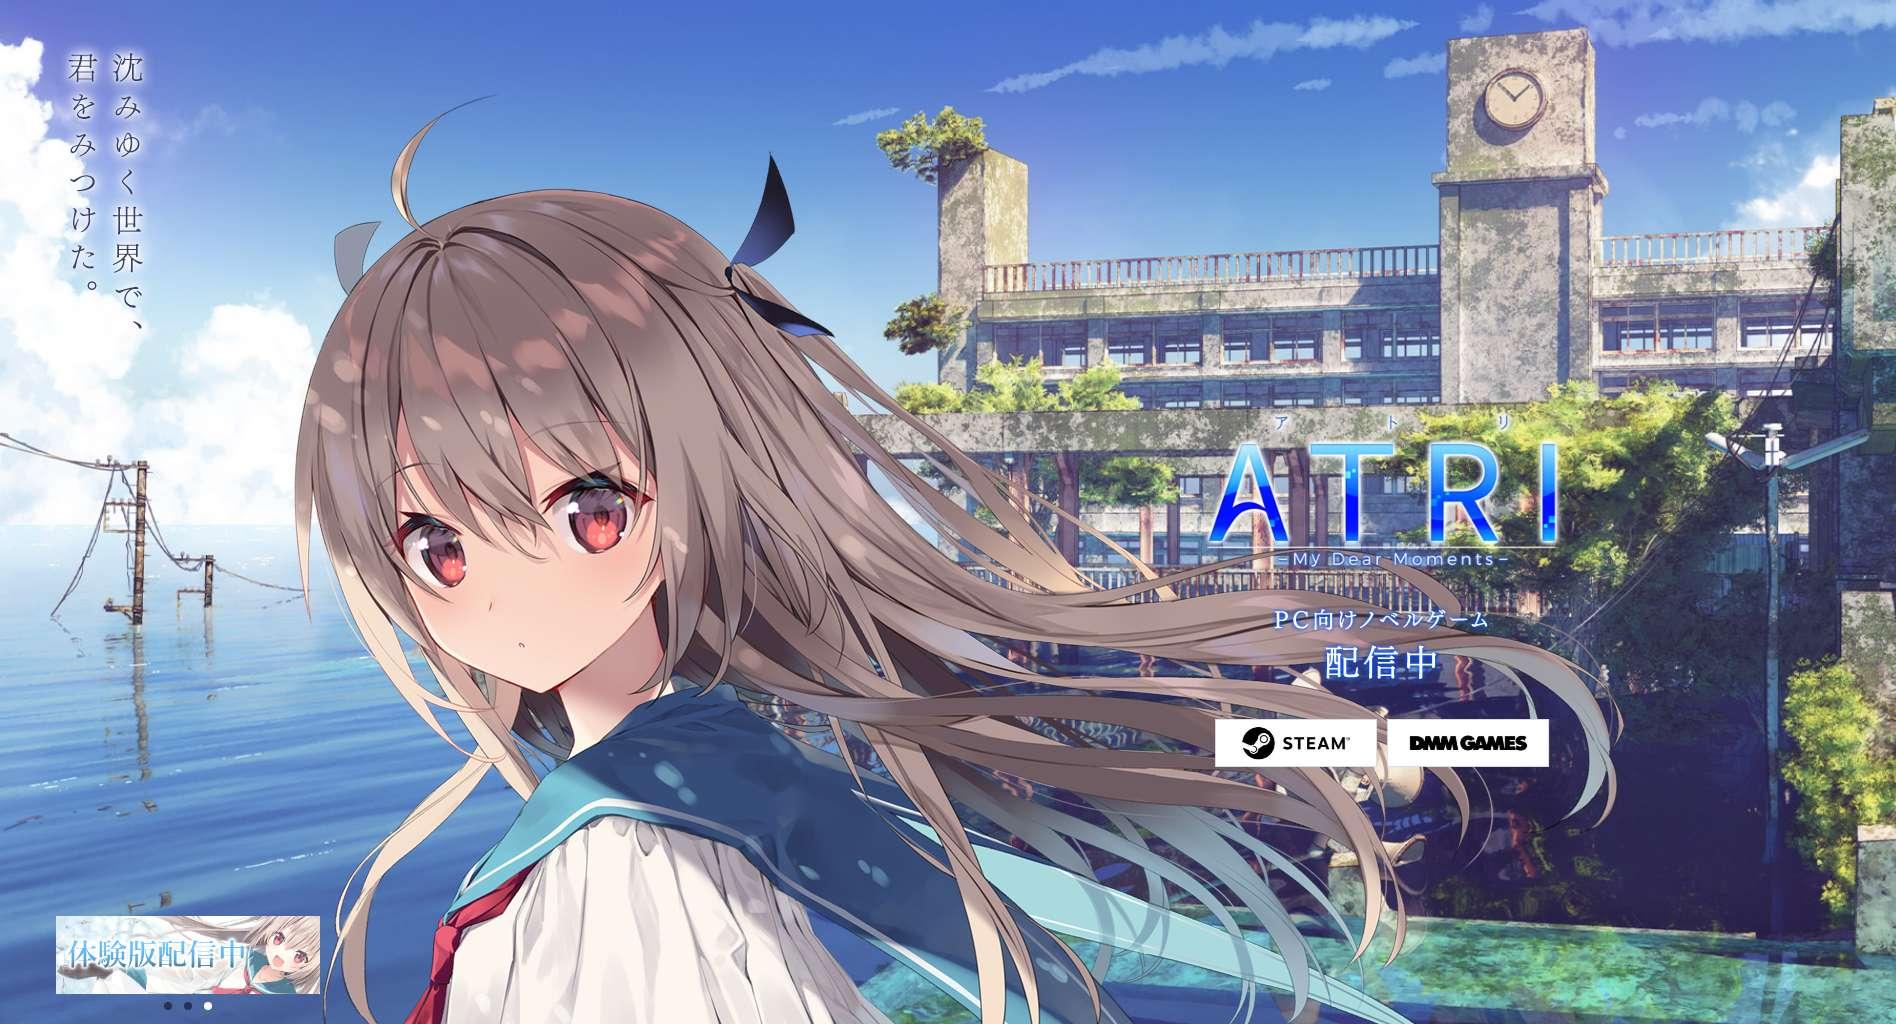 【资讯】ATRI -My Dear Moments- 动画PV